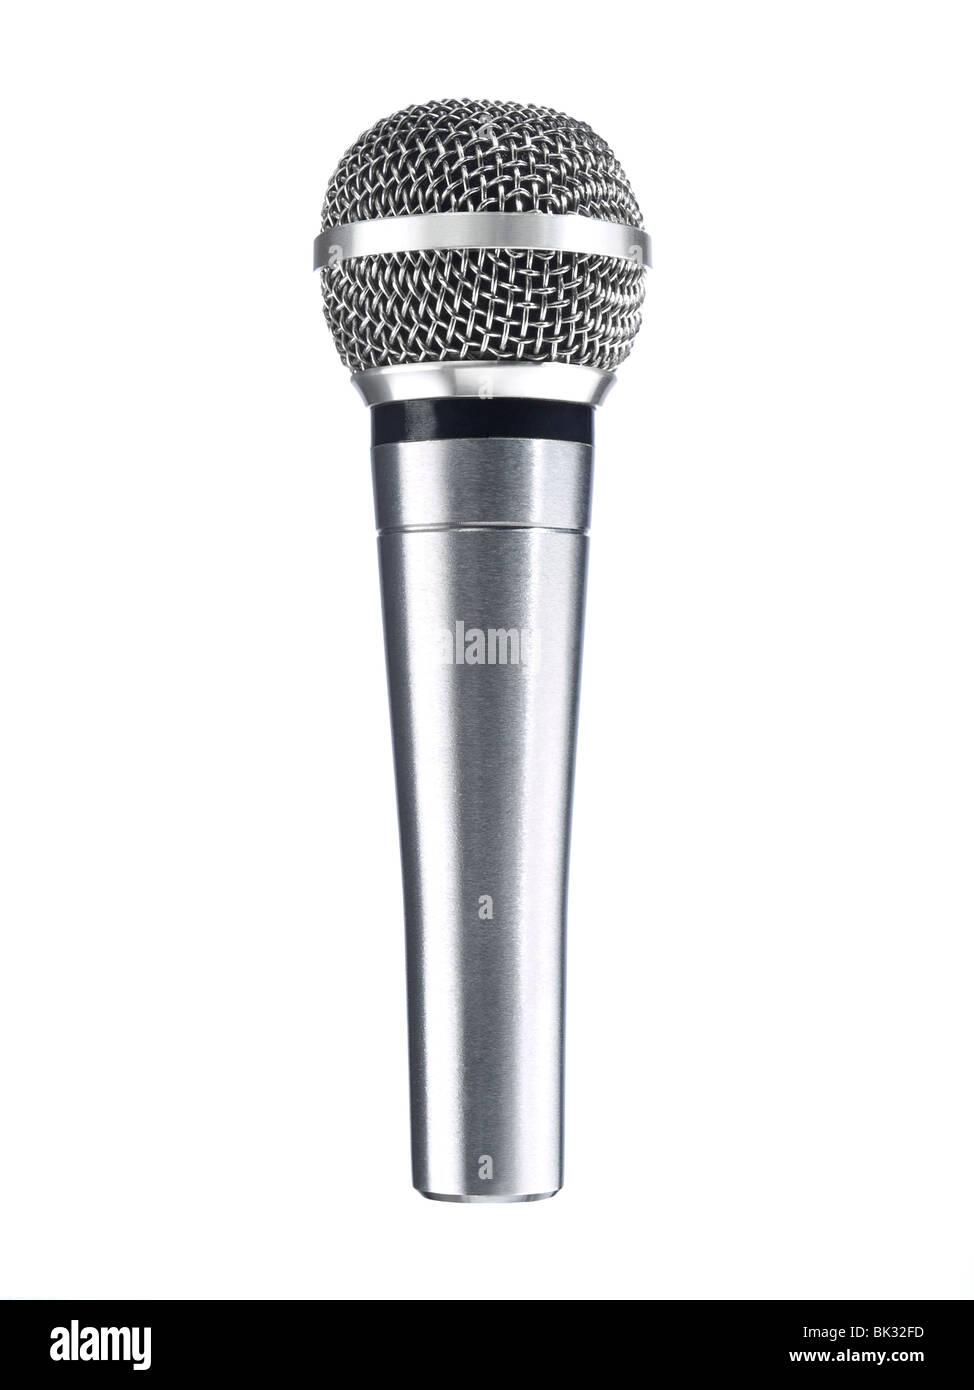 Un microphone métallique isolé sur un fond blanc. Photo Stock